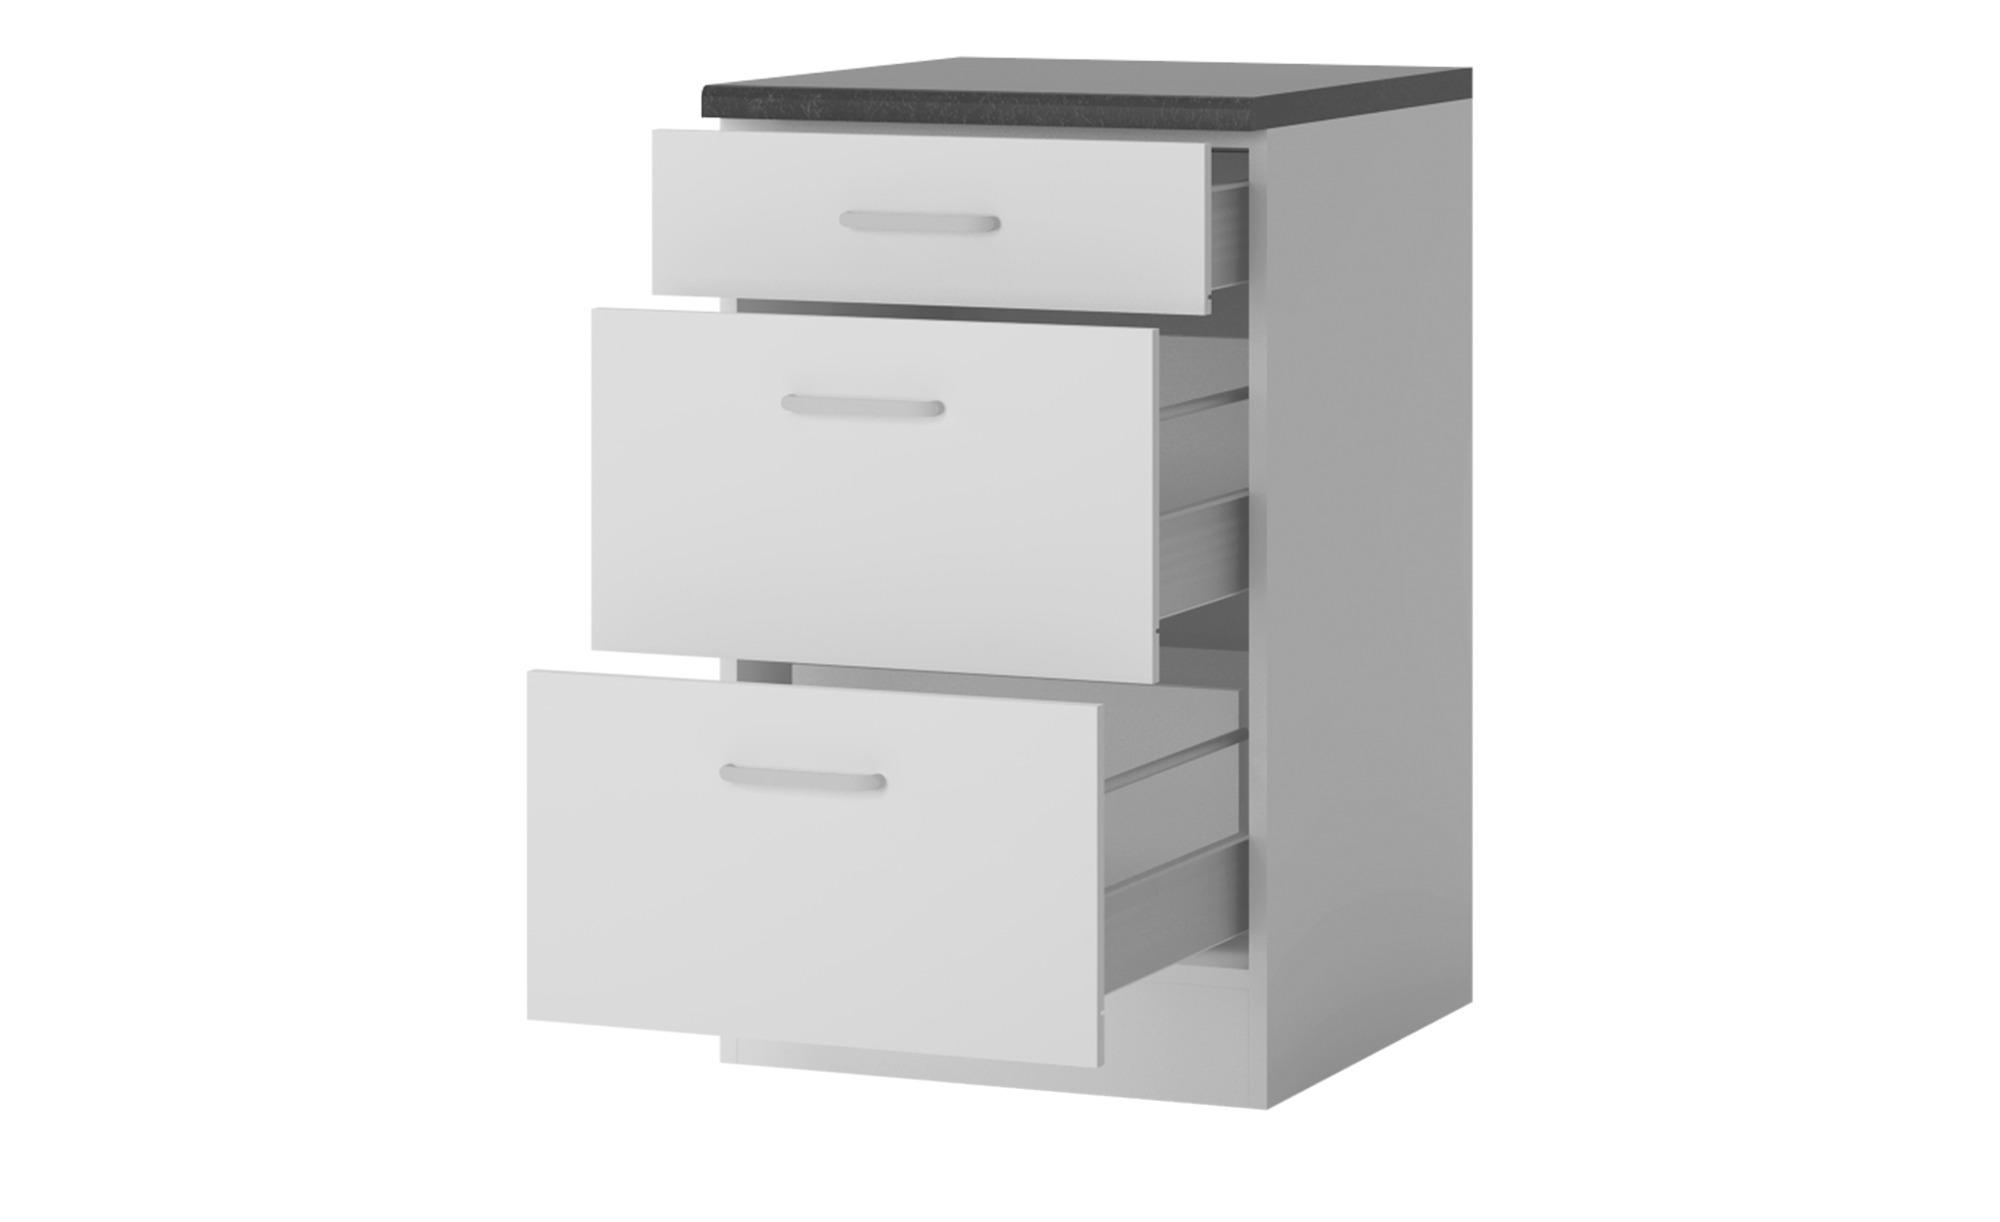 Unterschrank  Dance - weiß - 50 cm - 85 cm - 60 cm - Sconto | Küche und Esszimmer > Küchenschränke | Sconto